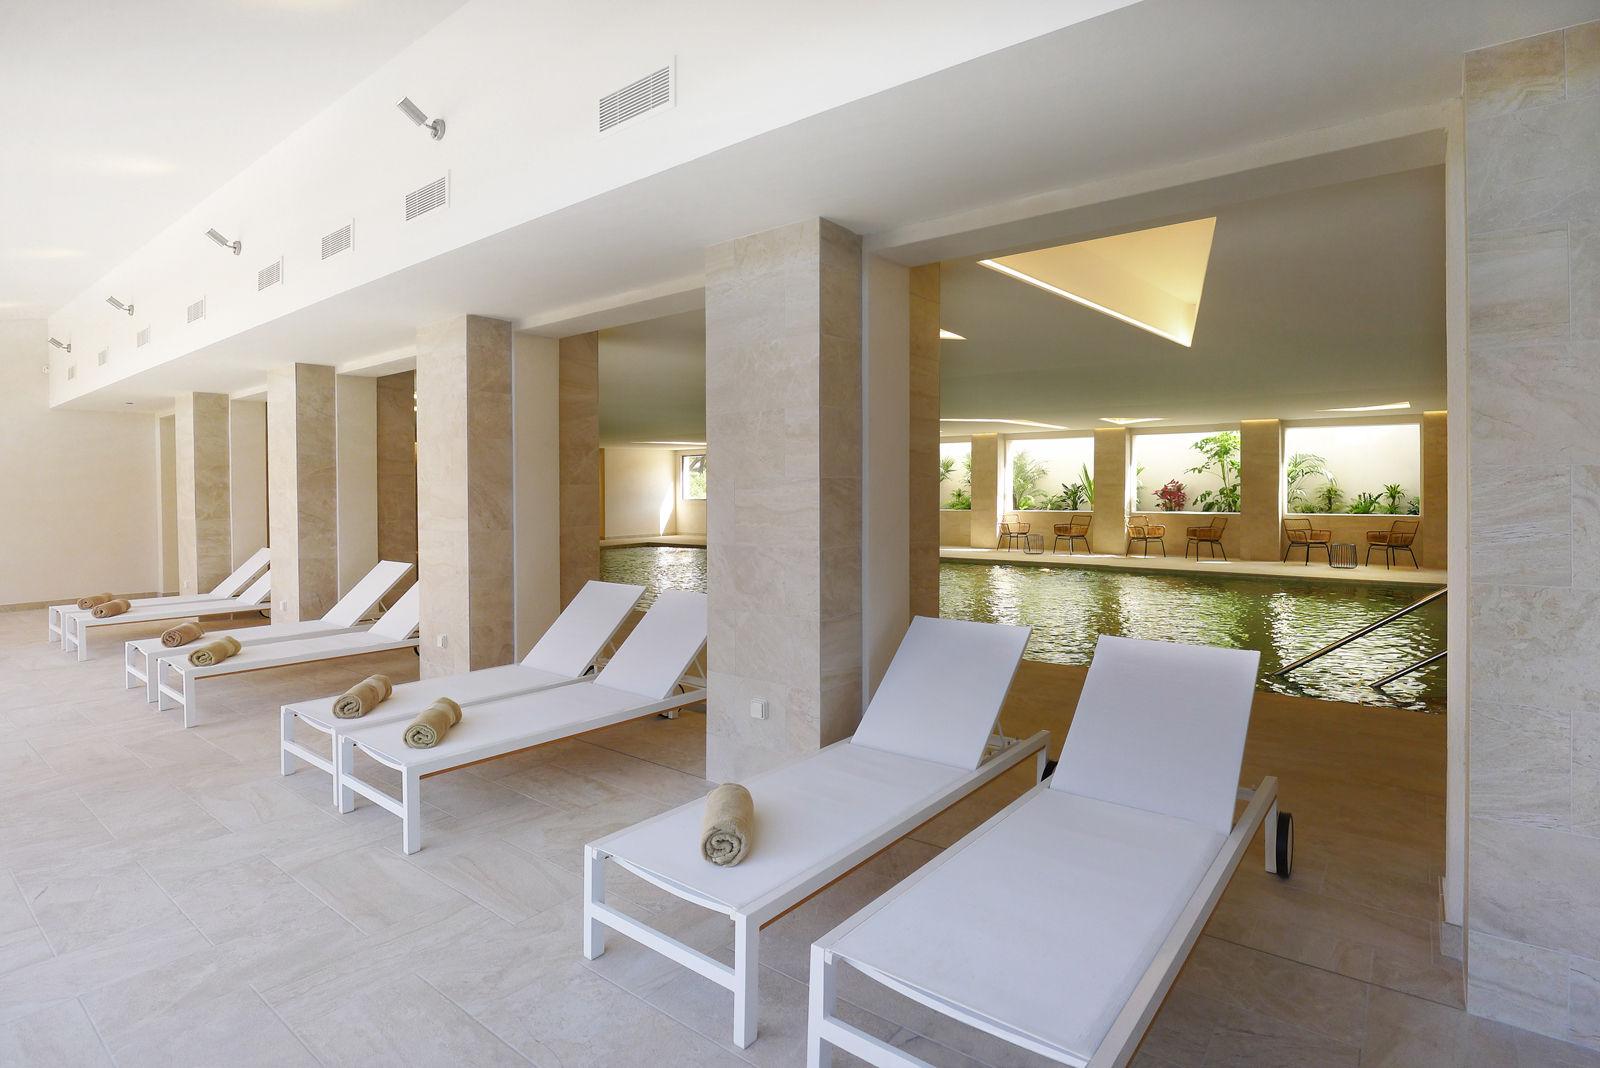 rénovation et agrandissement spa de l'hôtel Helios à Embiez